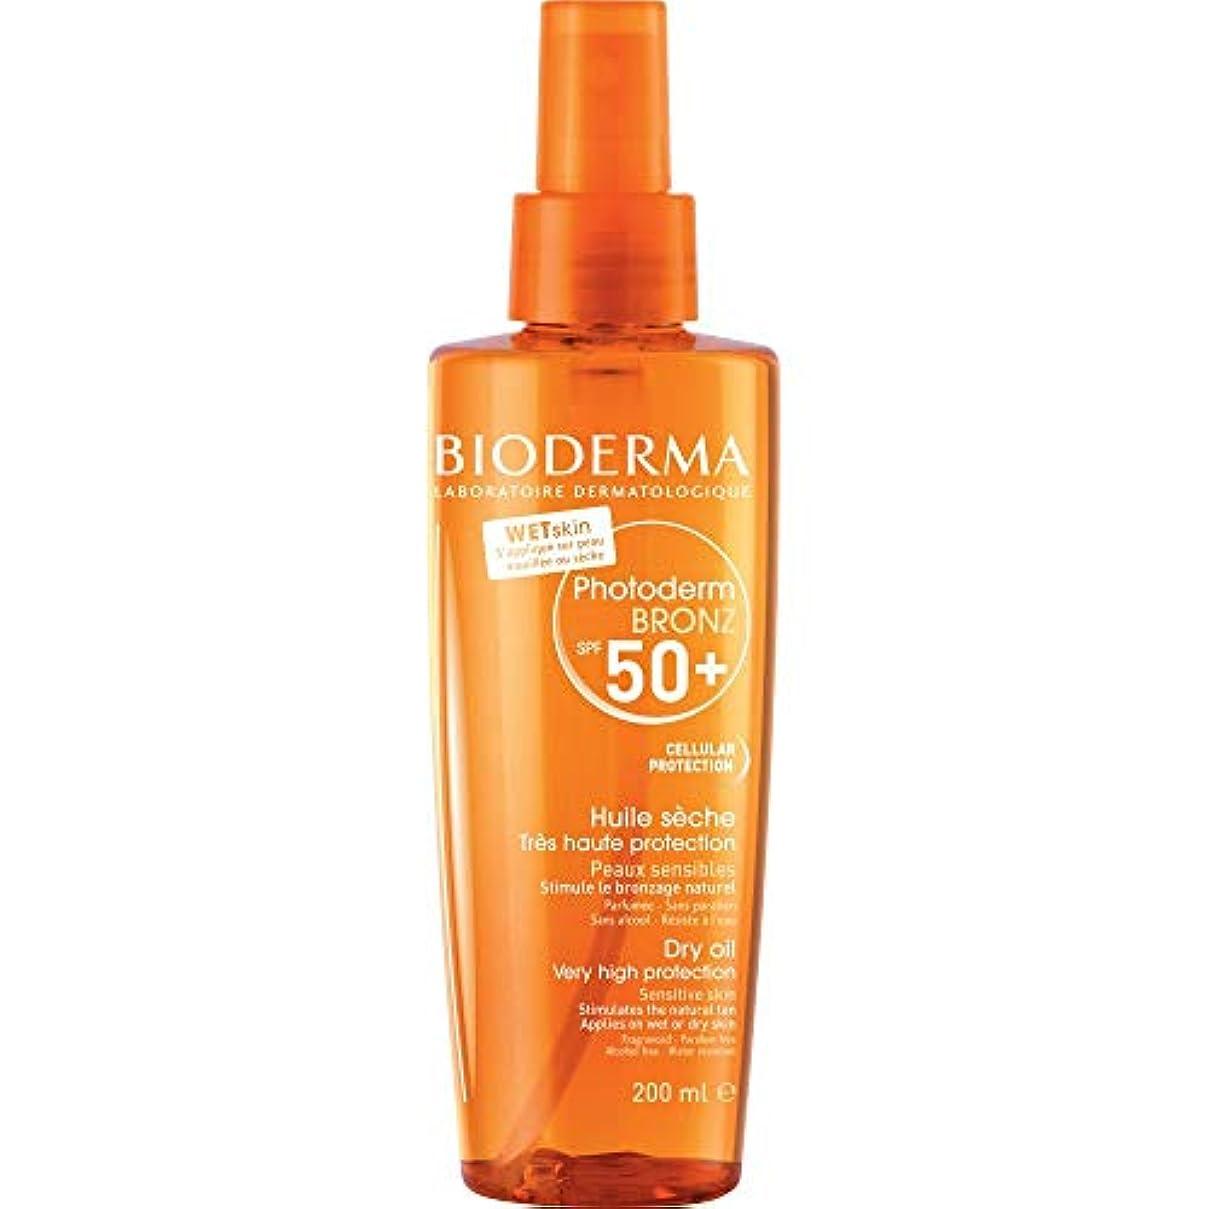 発症遺棄された受け皿[Bioderma] BiodermaのPhotodermのBronz - ドライオイルSpf50の200ミリリットル - Bioderma Photoderm Bronz - Dry Oil SPF50 200ml [...